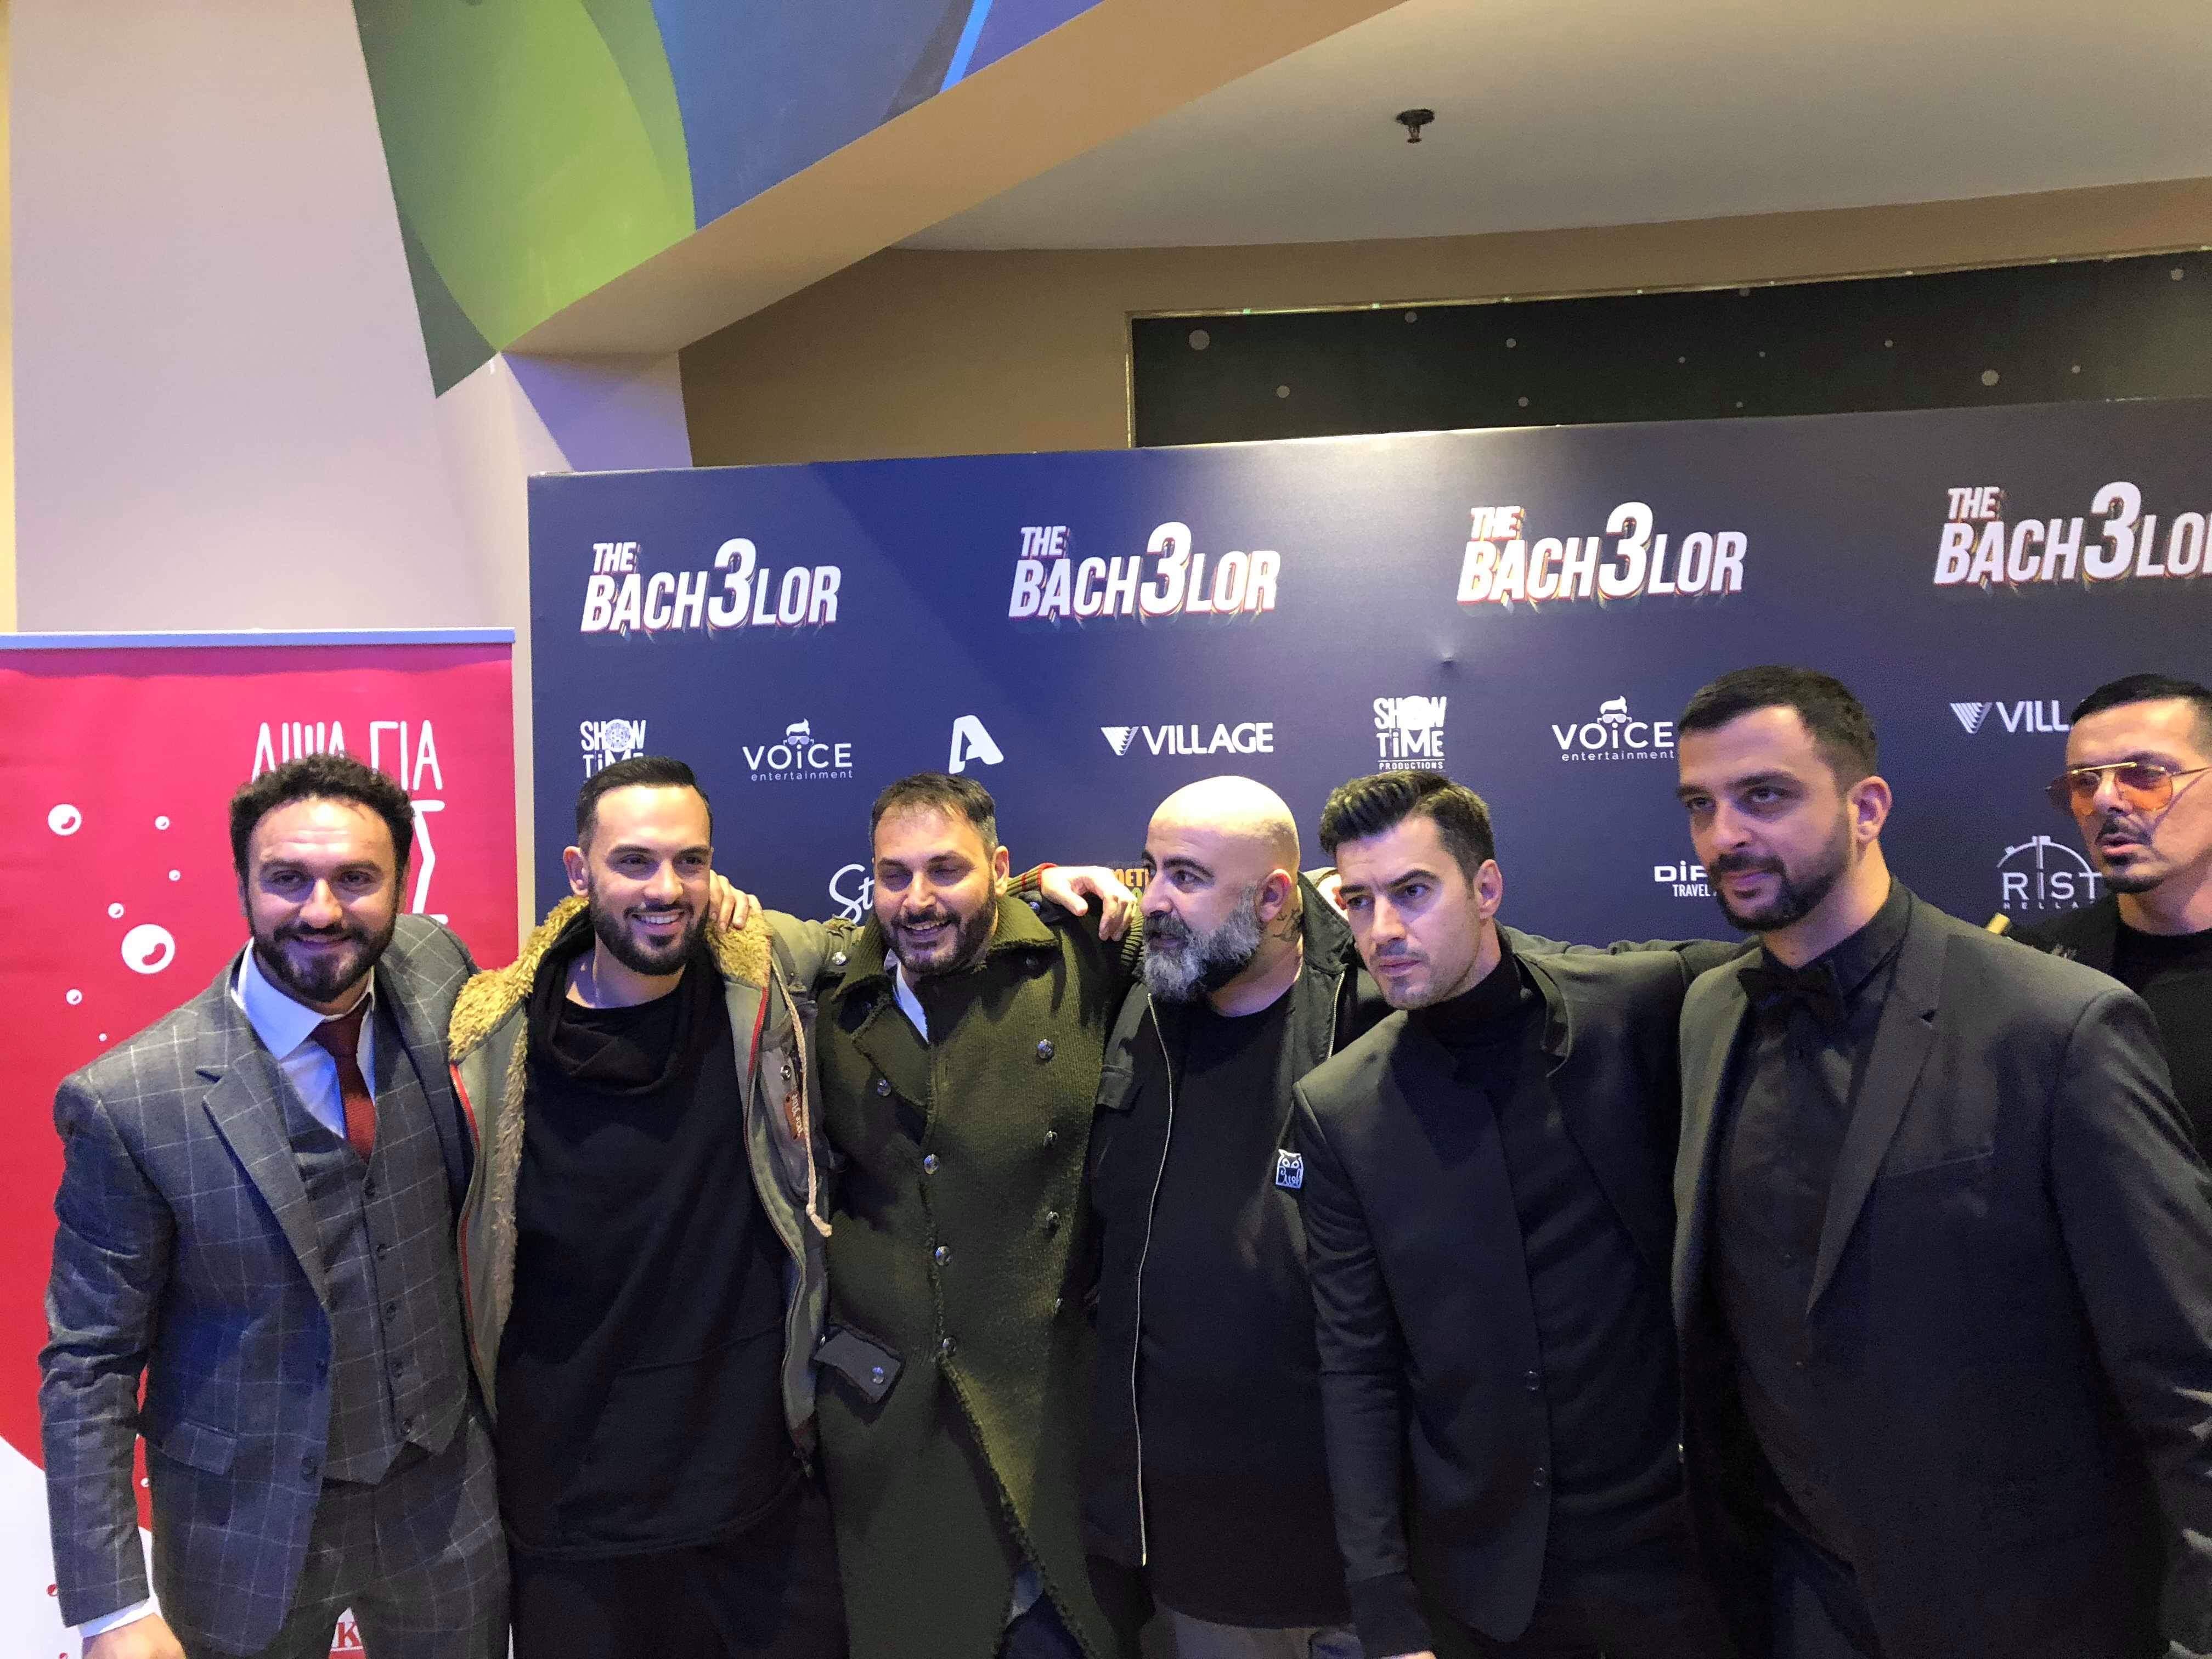 """Λαμπερή avant premiere του """"Bachelor 3"""" στη Λάρισα παρουσία των πρωταγωνιστών (φωτό-βίντεο)"""